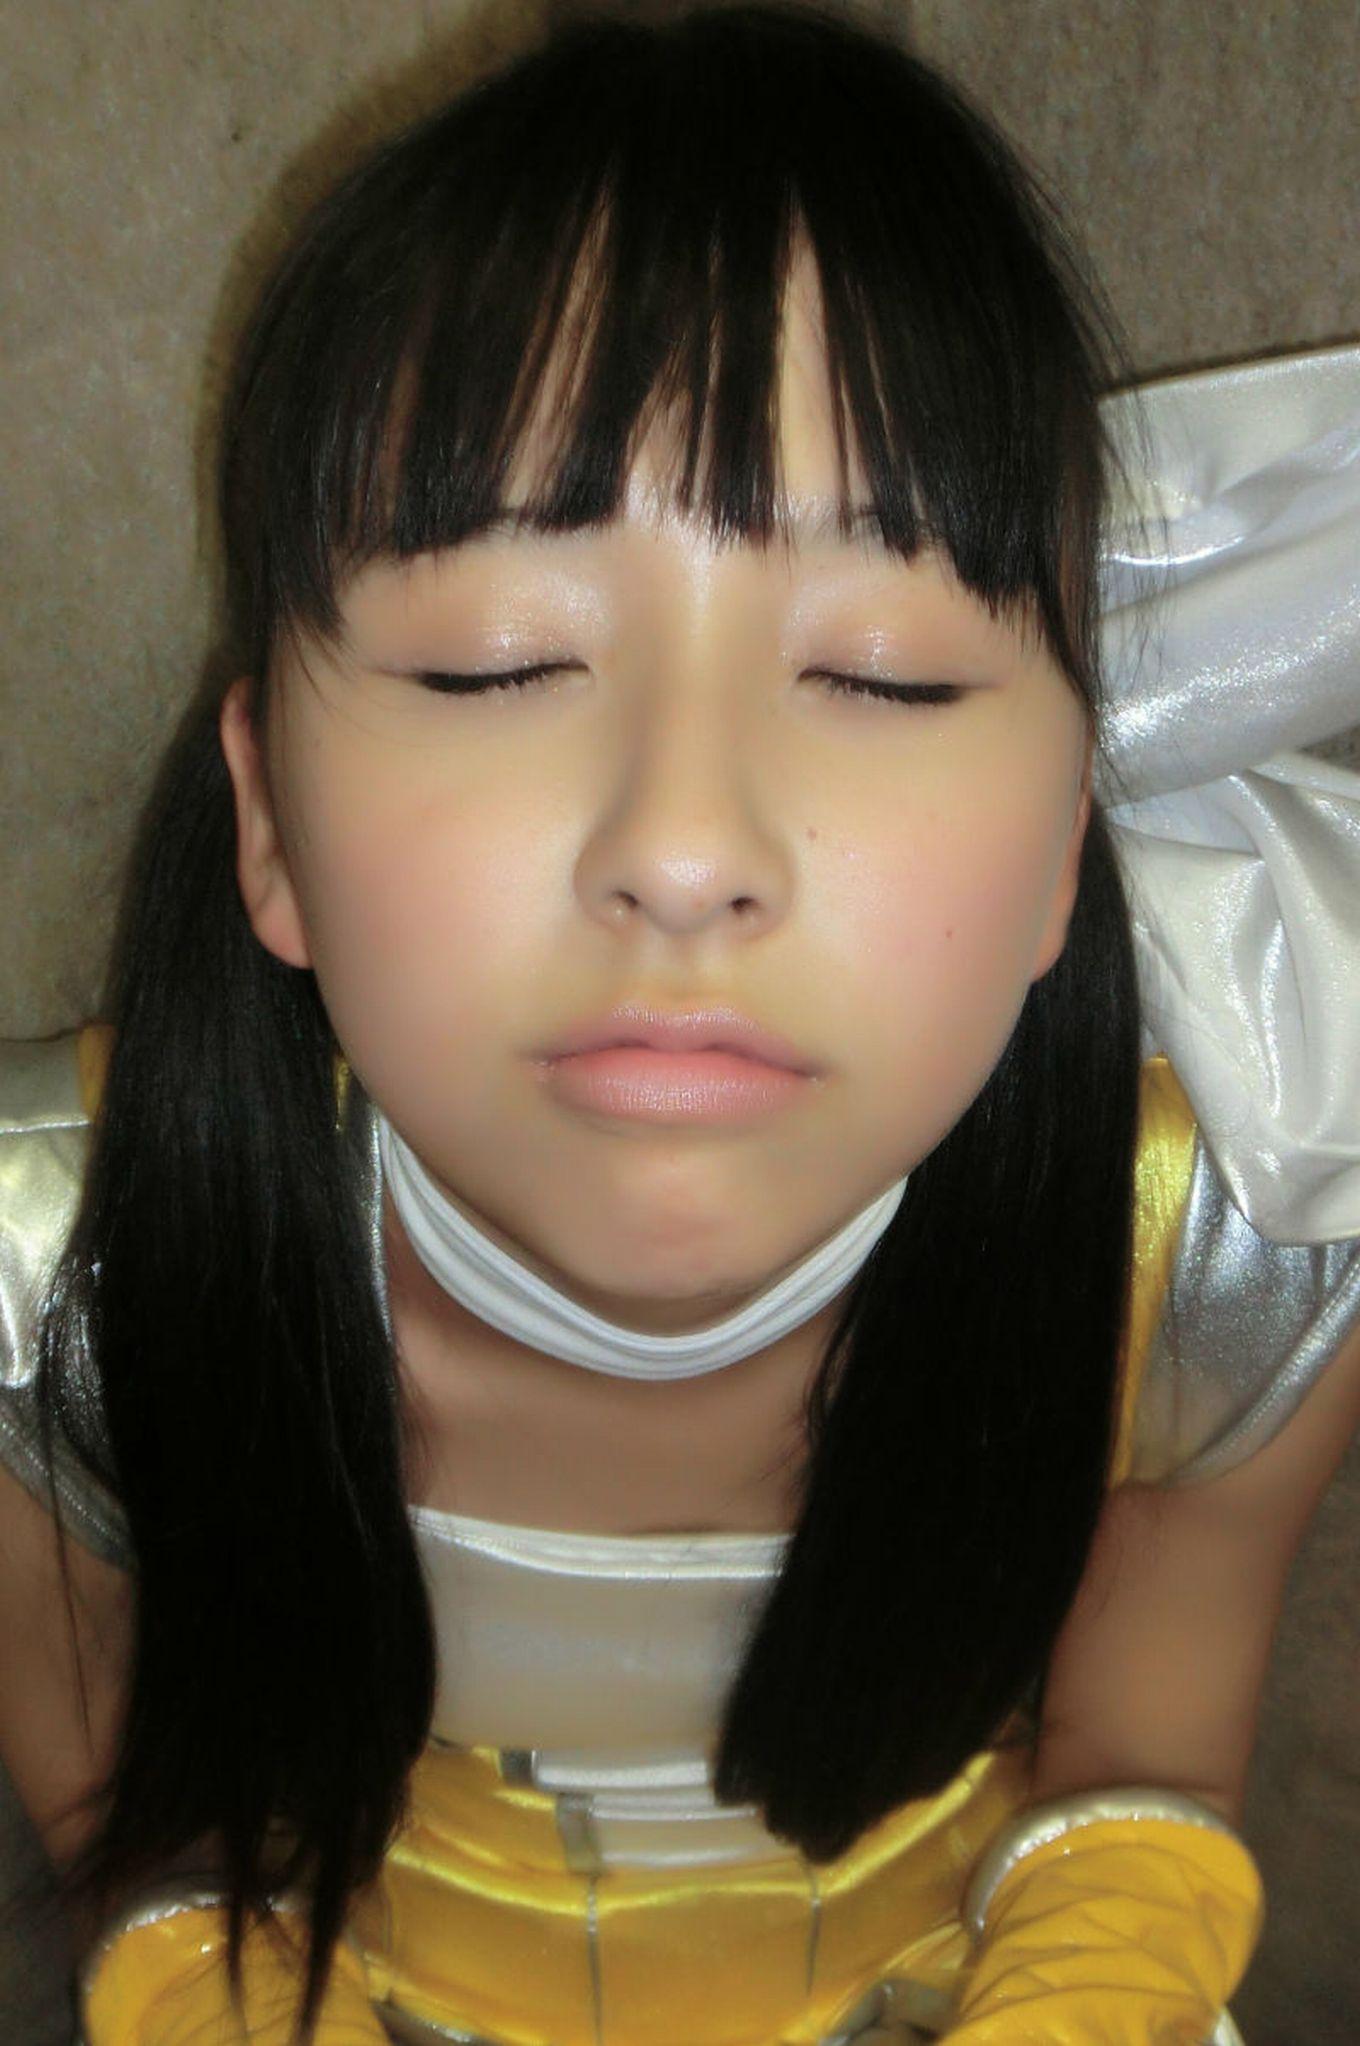 ももクロ黄色 玉井詩織(たまいしおり) セクシー キス顔 顔アップ 唇 高画質 エロかわいい画像6